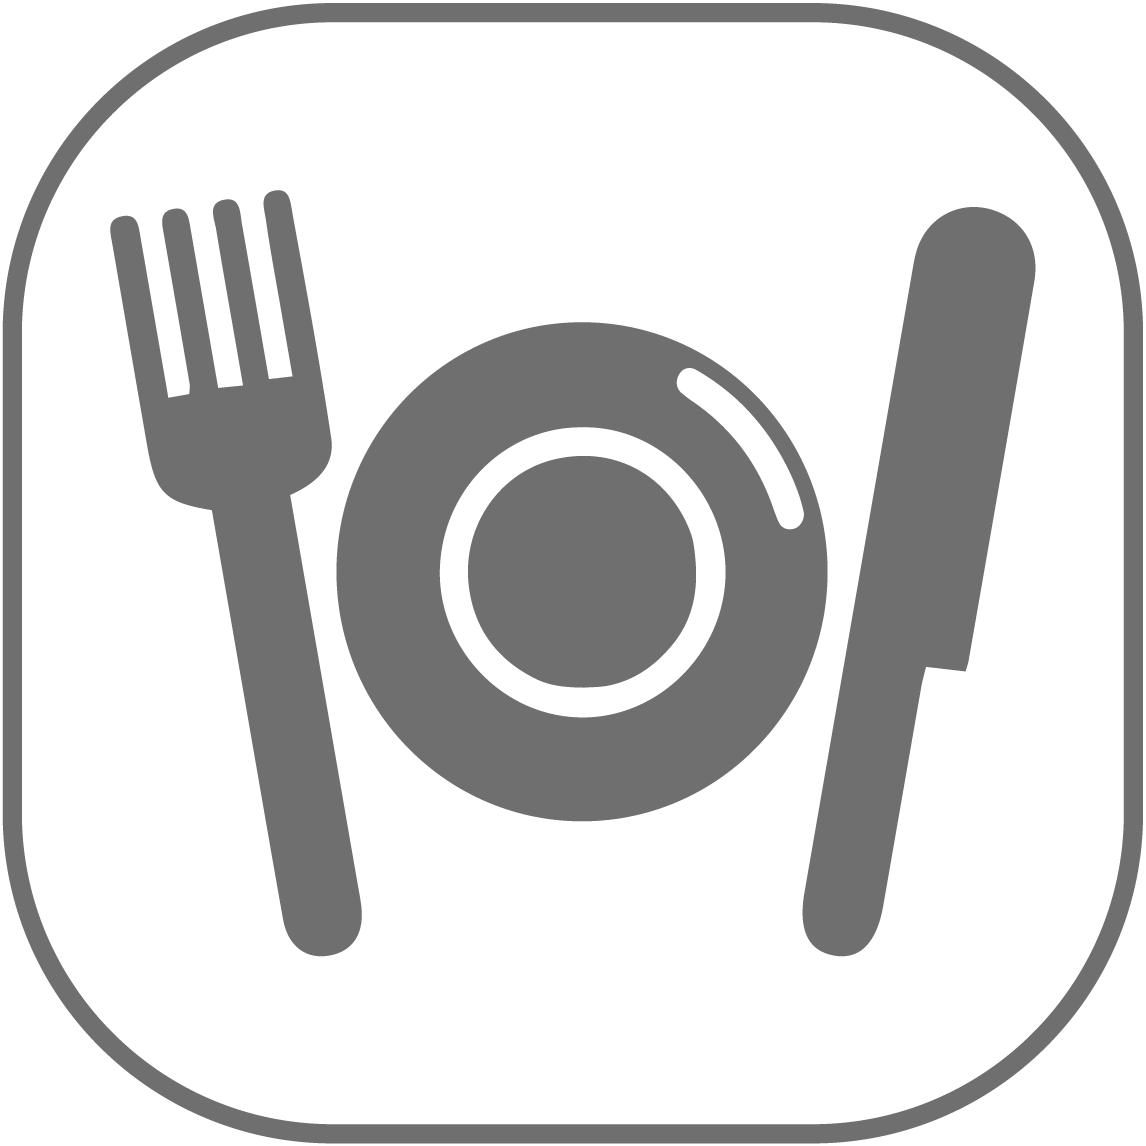 Food industry Comet